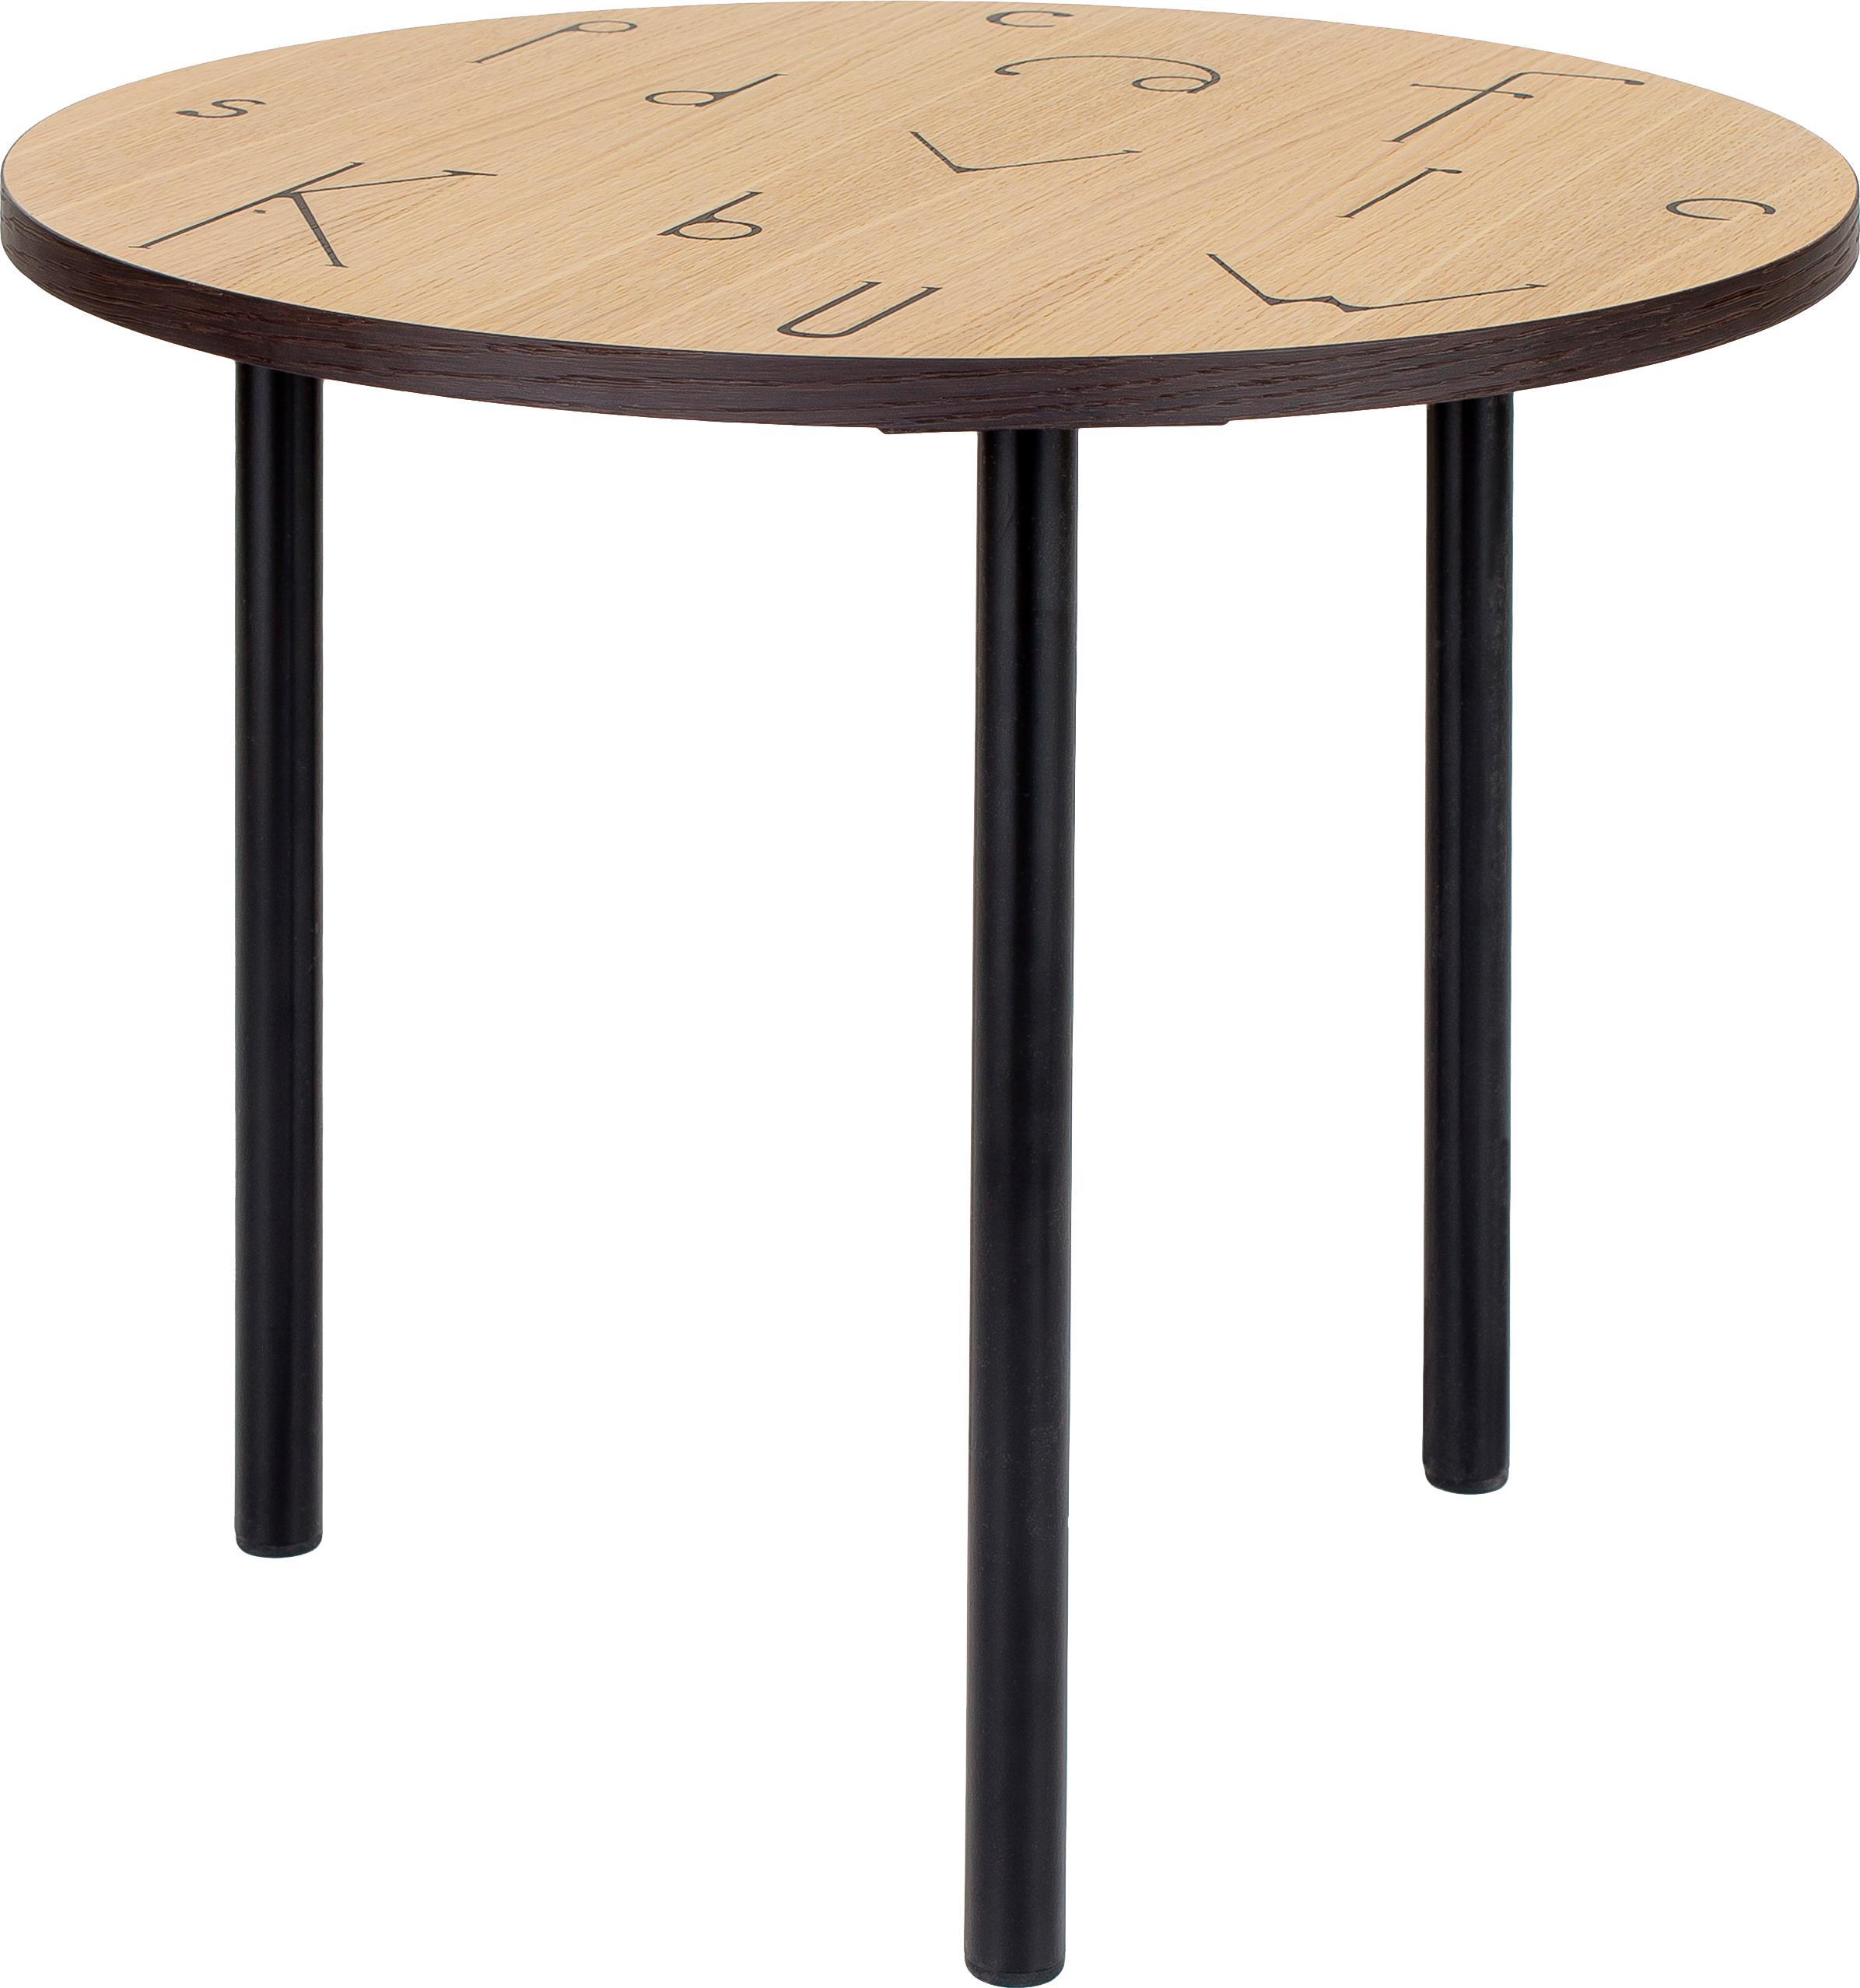 Woodman Beistelltisch Wohnen/Möbel/Tische/Beistelltische